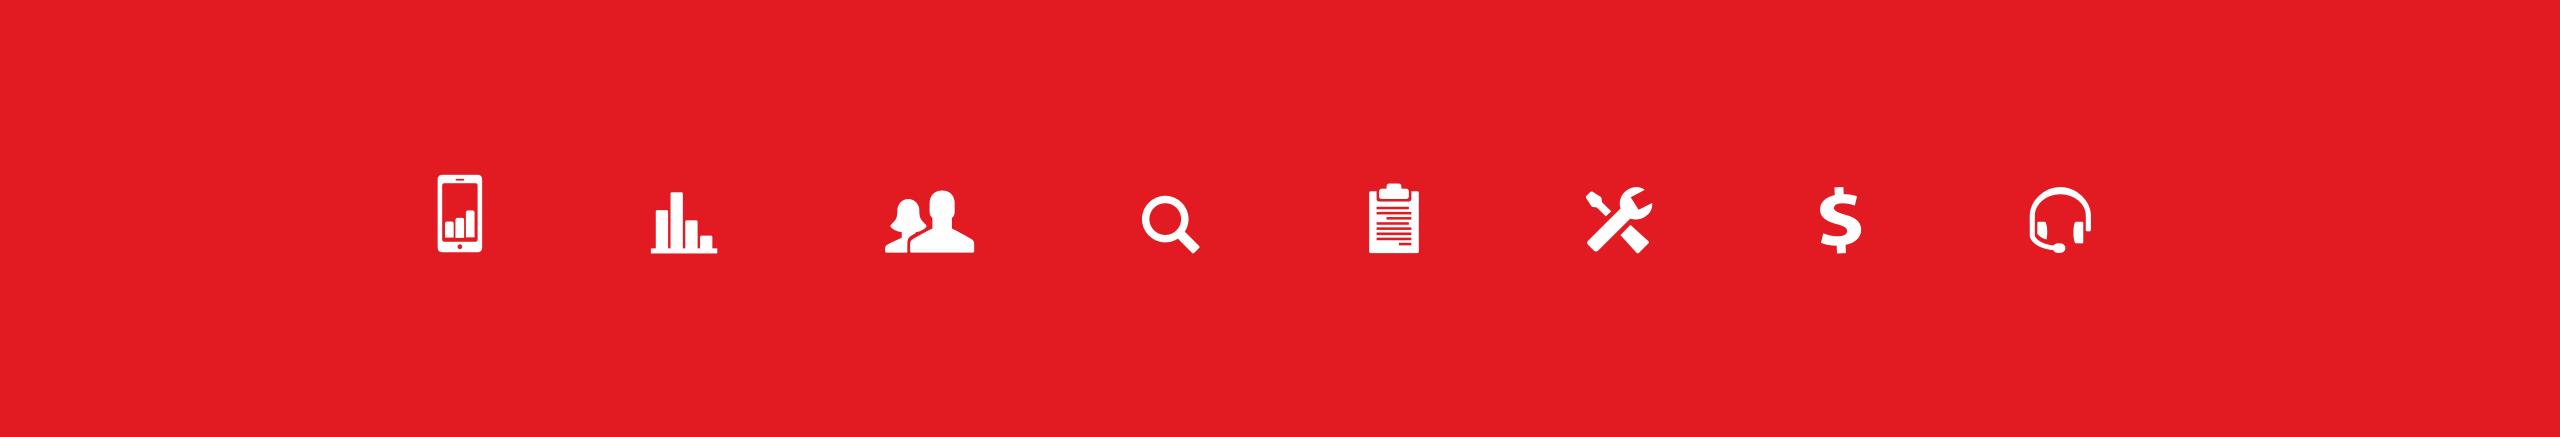 cti-management_icons